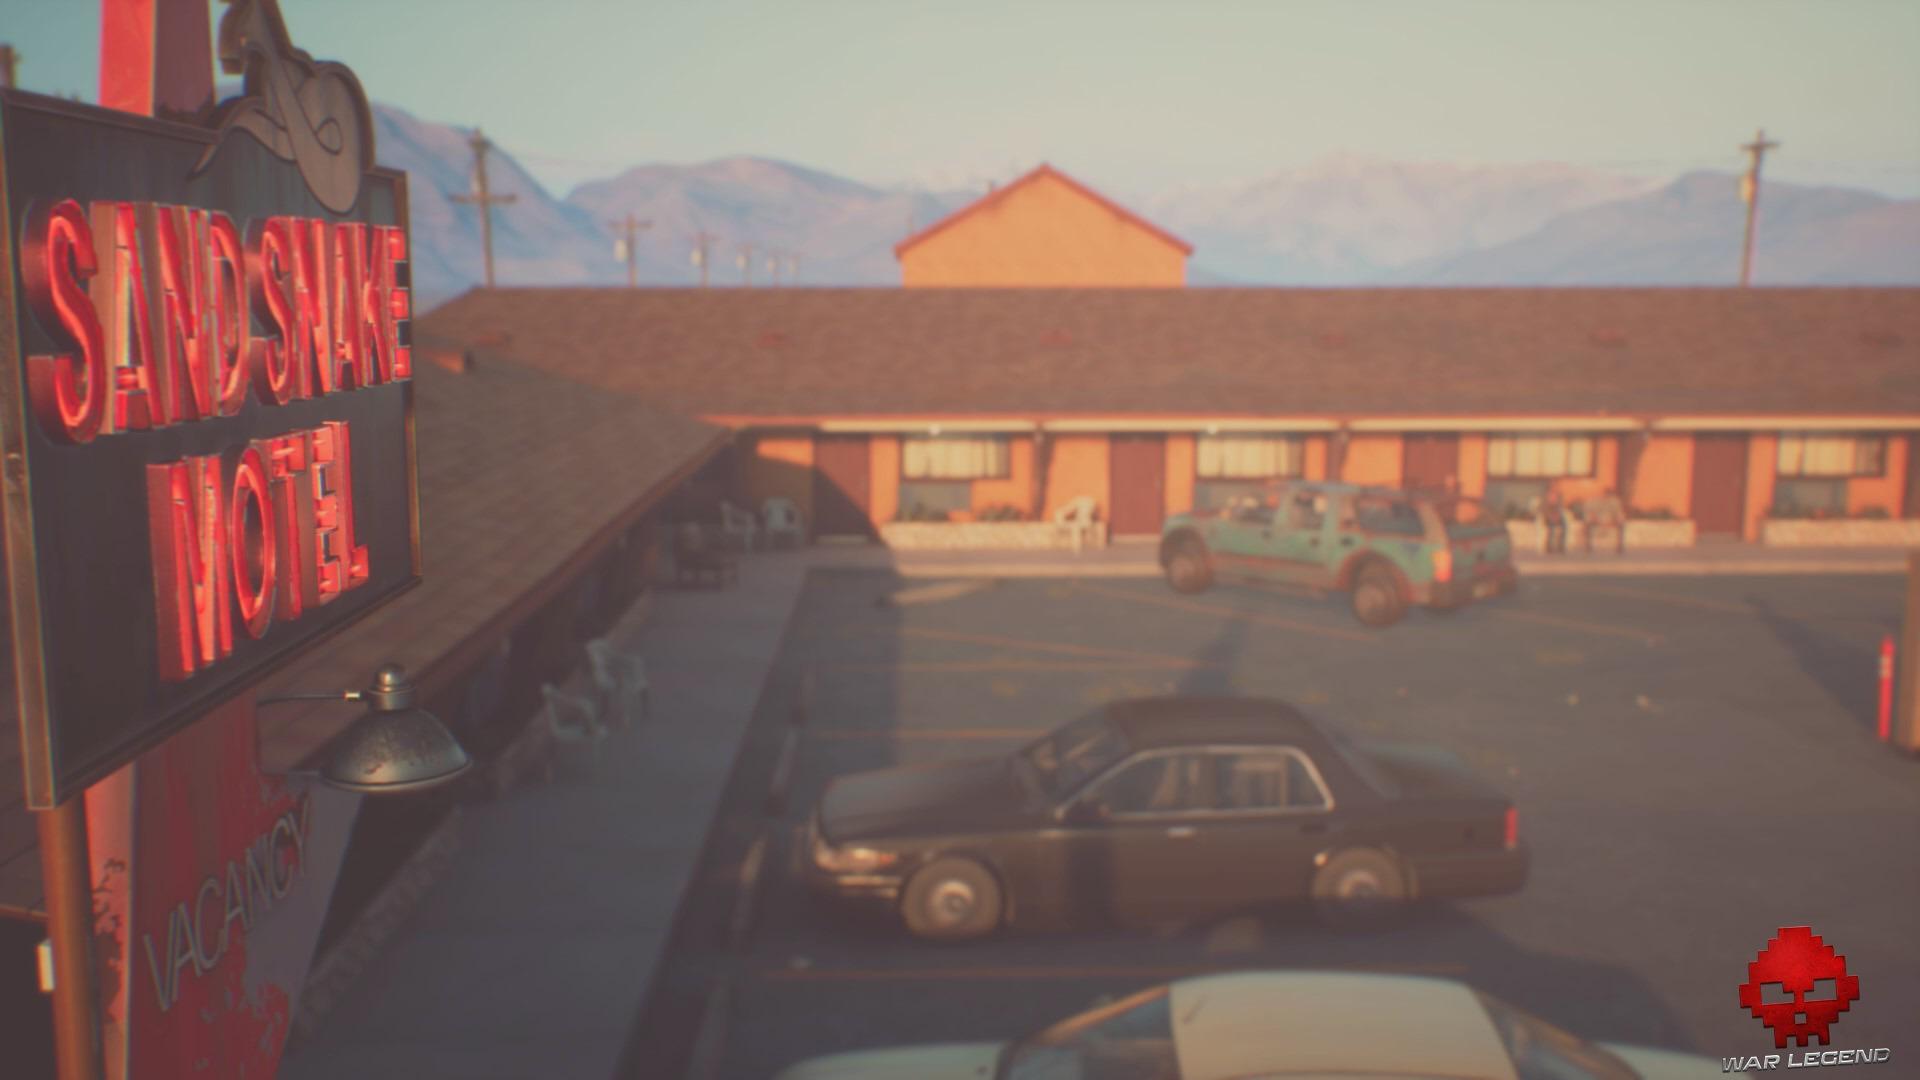 Image Sandsnake Motel